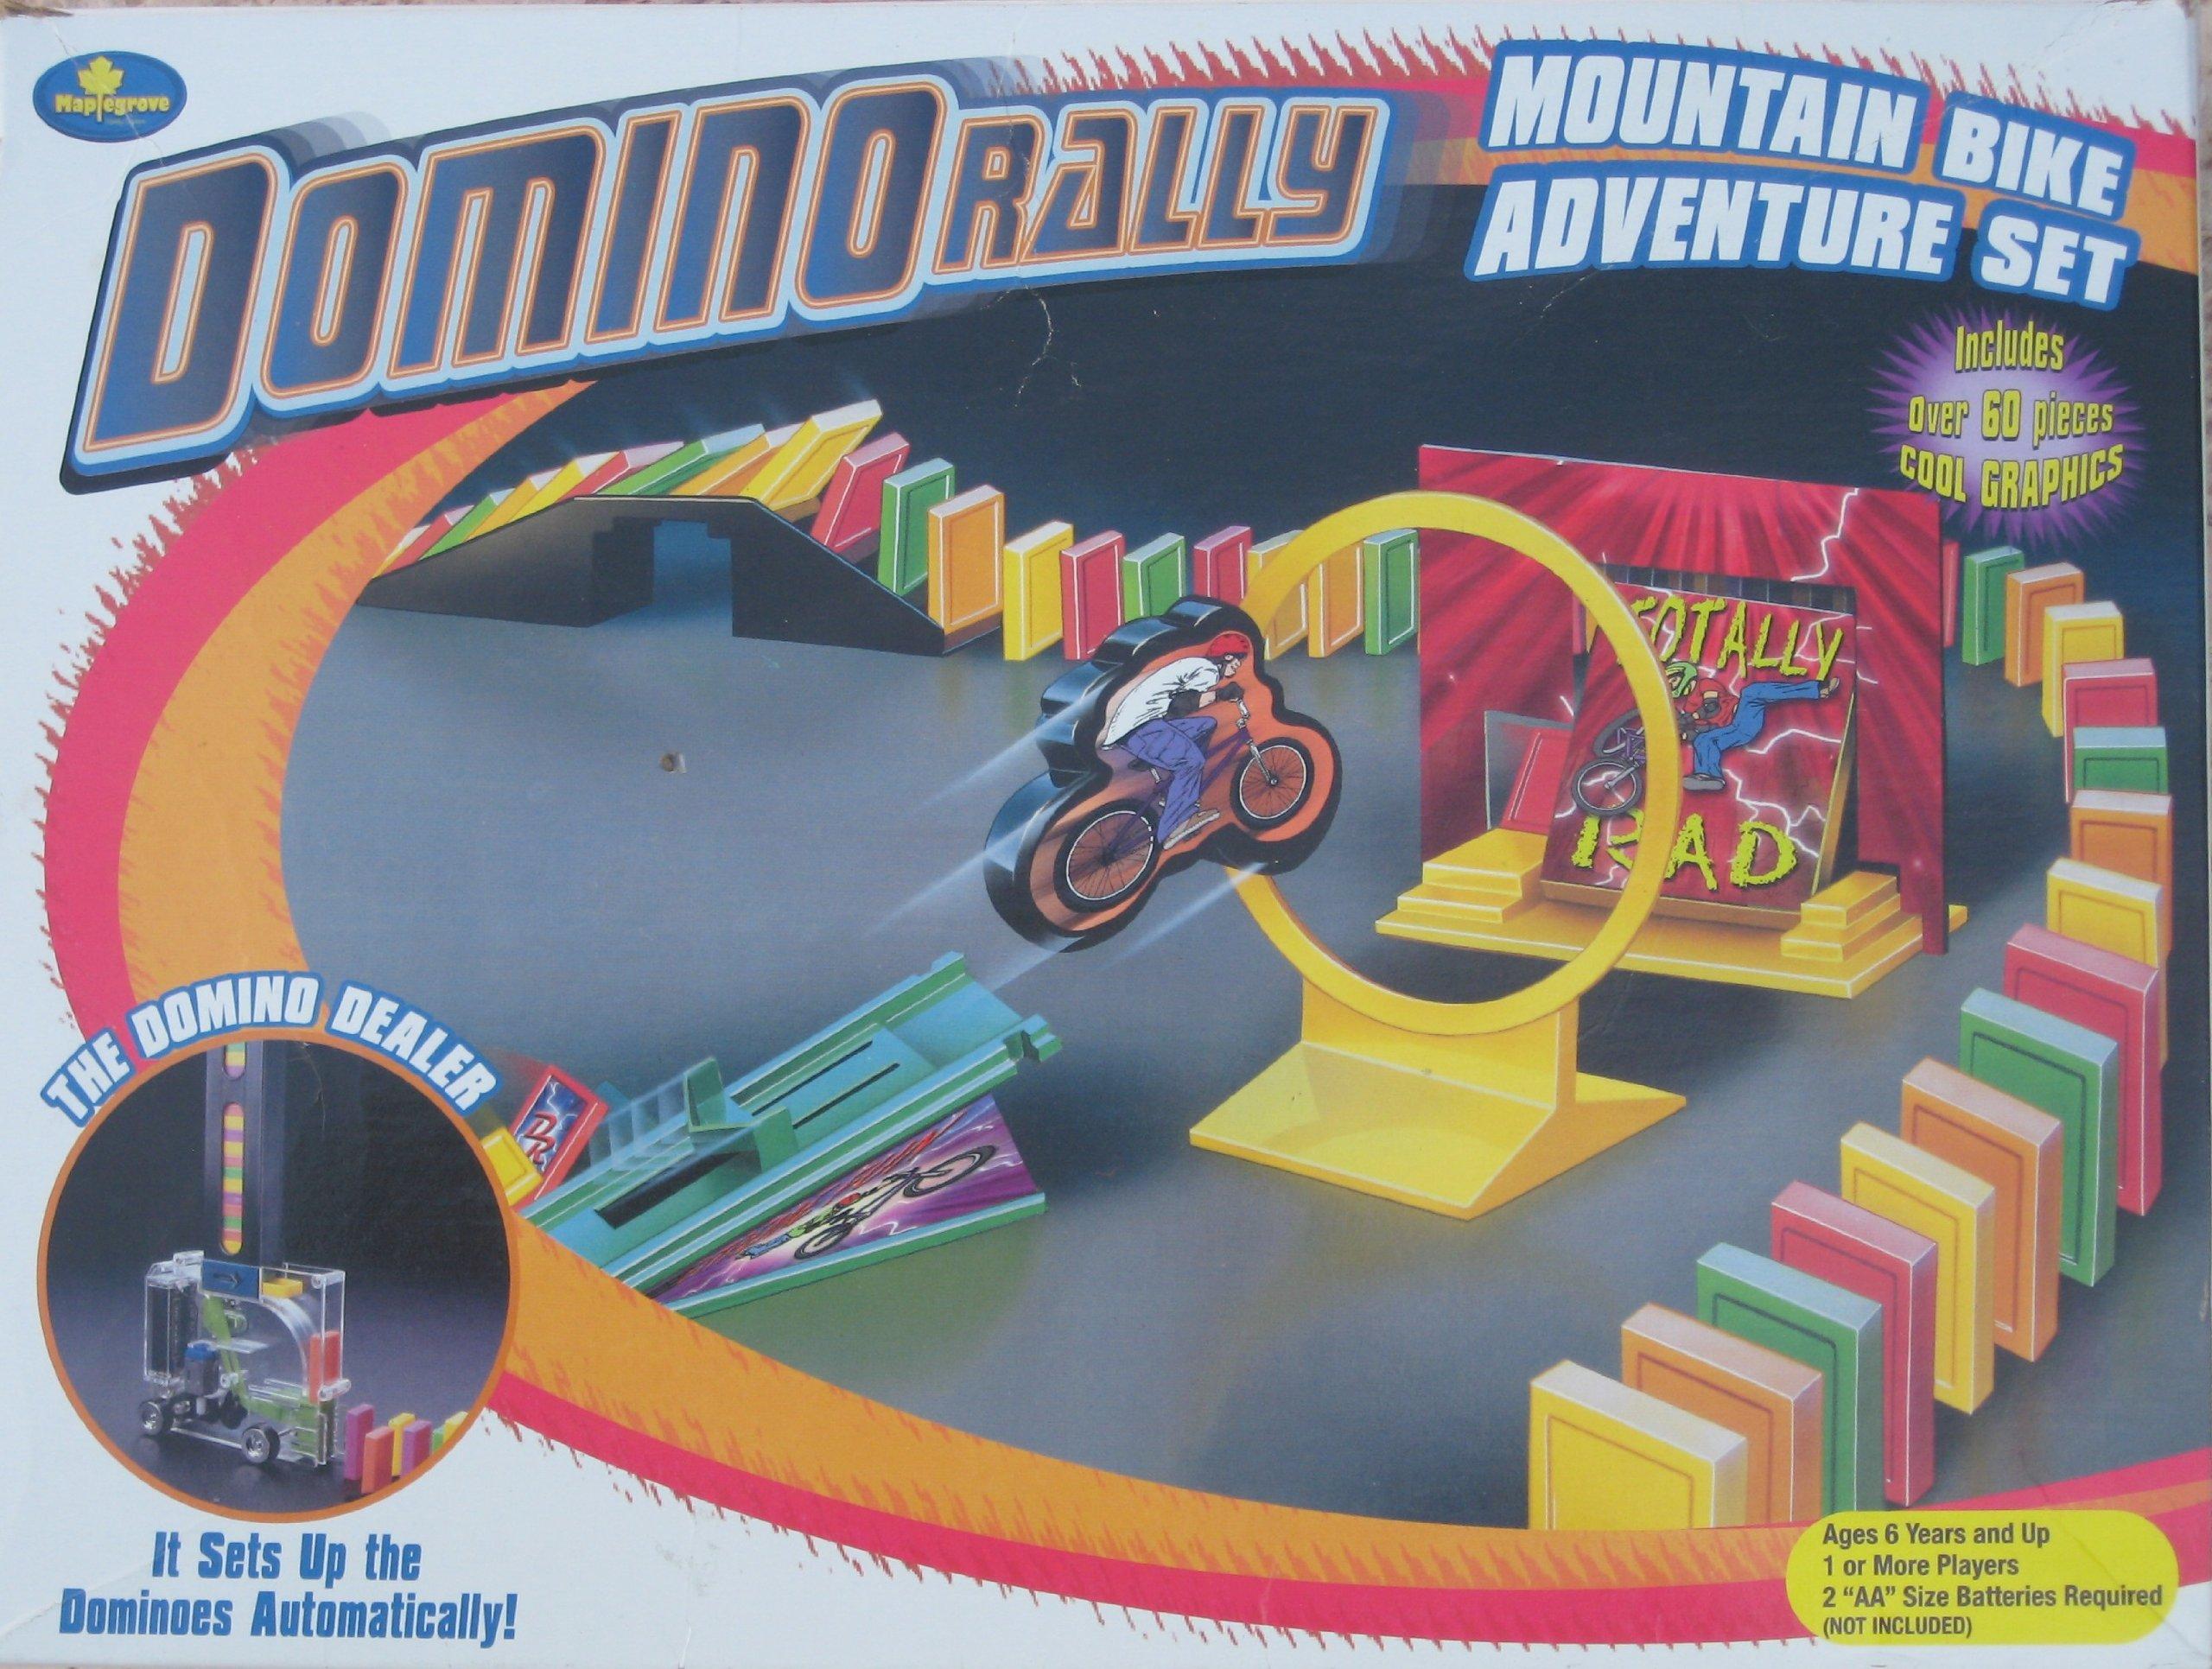 Domino Rally Bike Adventure Set by Maplegrove